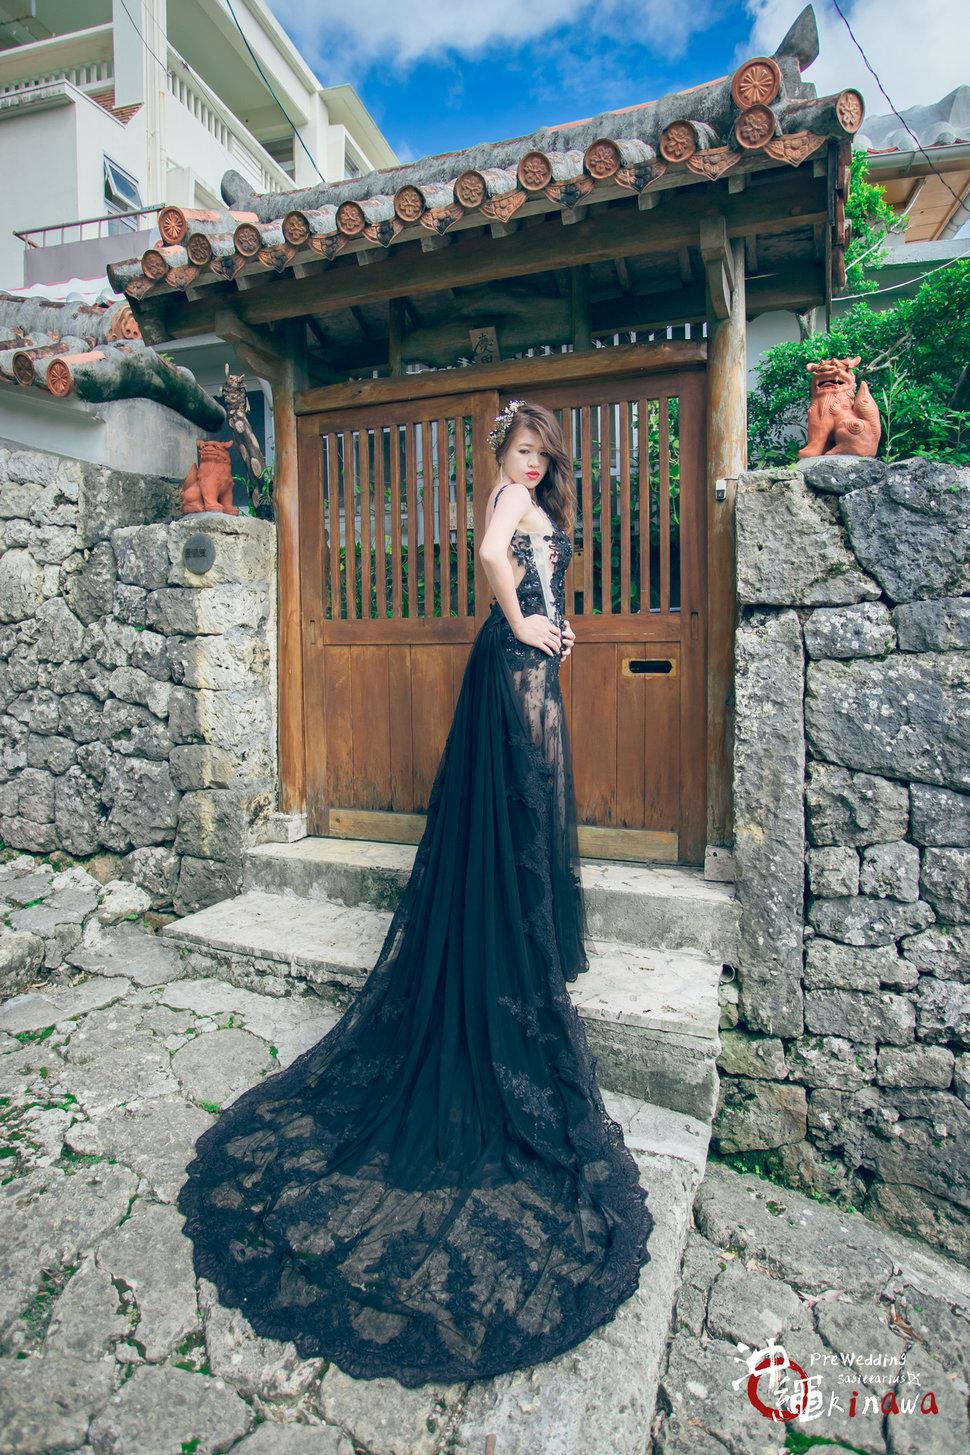 嘉麟 & 胤芳 Overseas Pre Wedding For Okinawa 沖繩海外婚紗(編號:551965) - 射手的天空 / 海外婚紗 婚禮